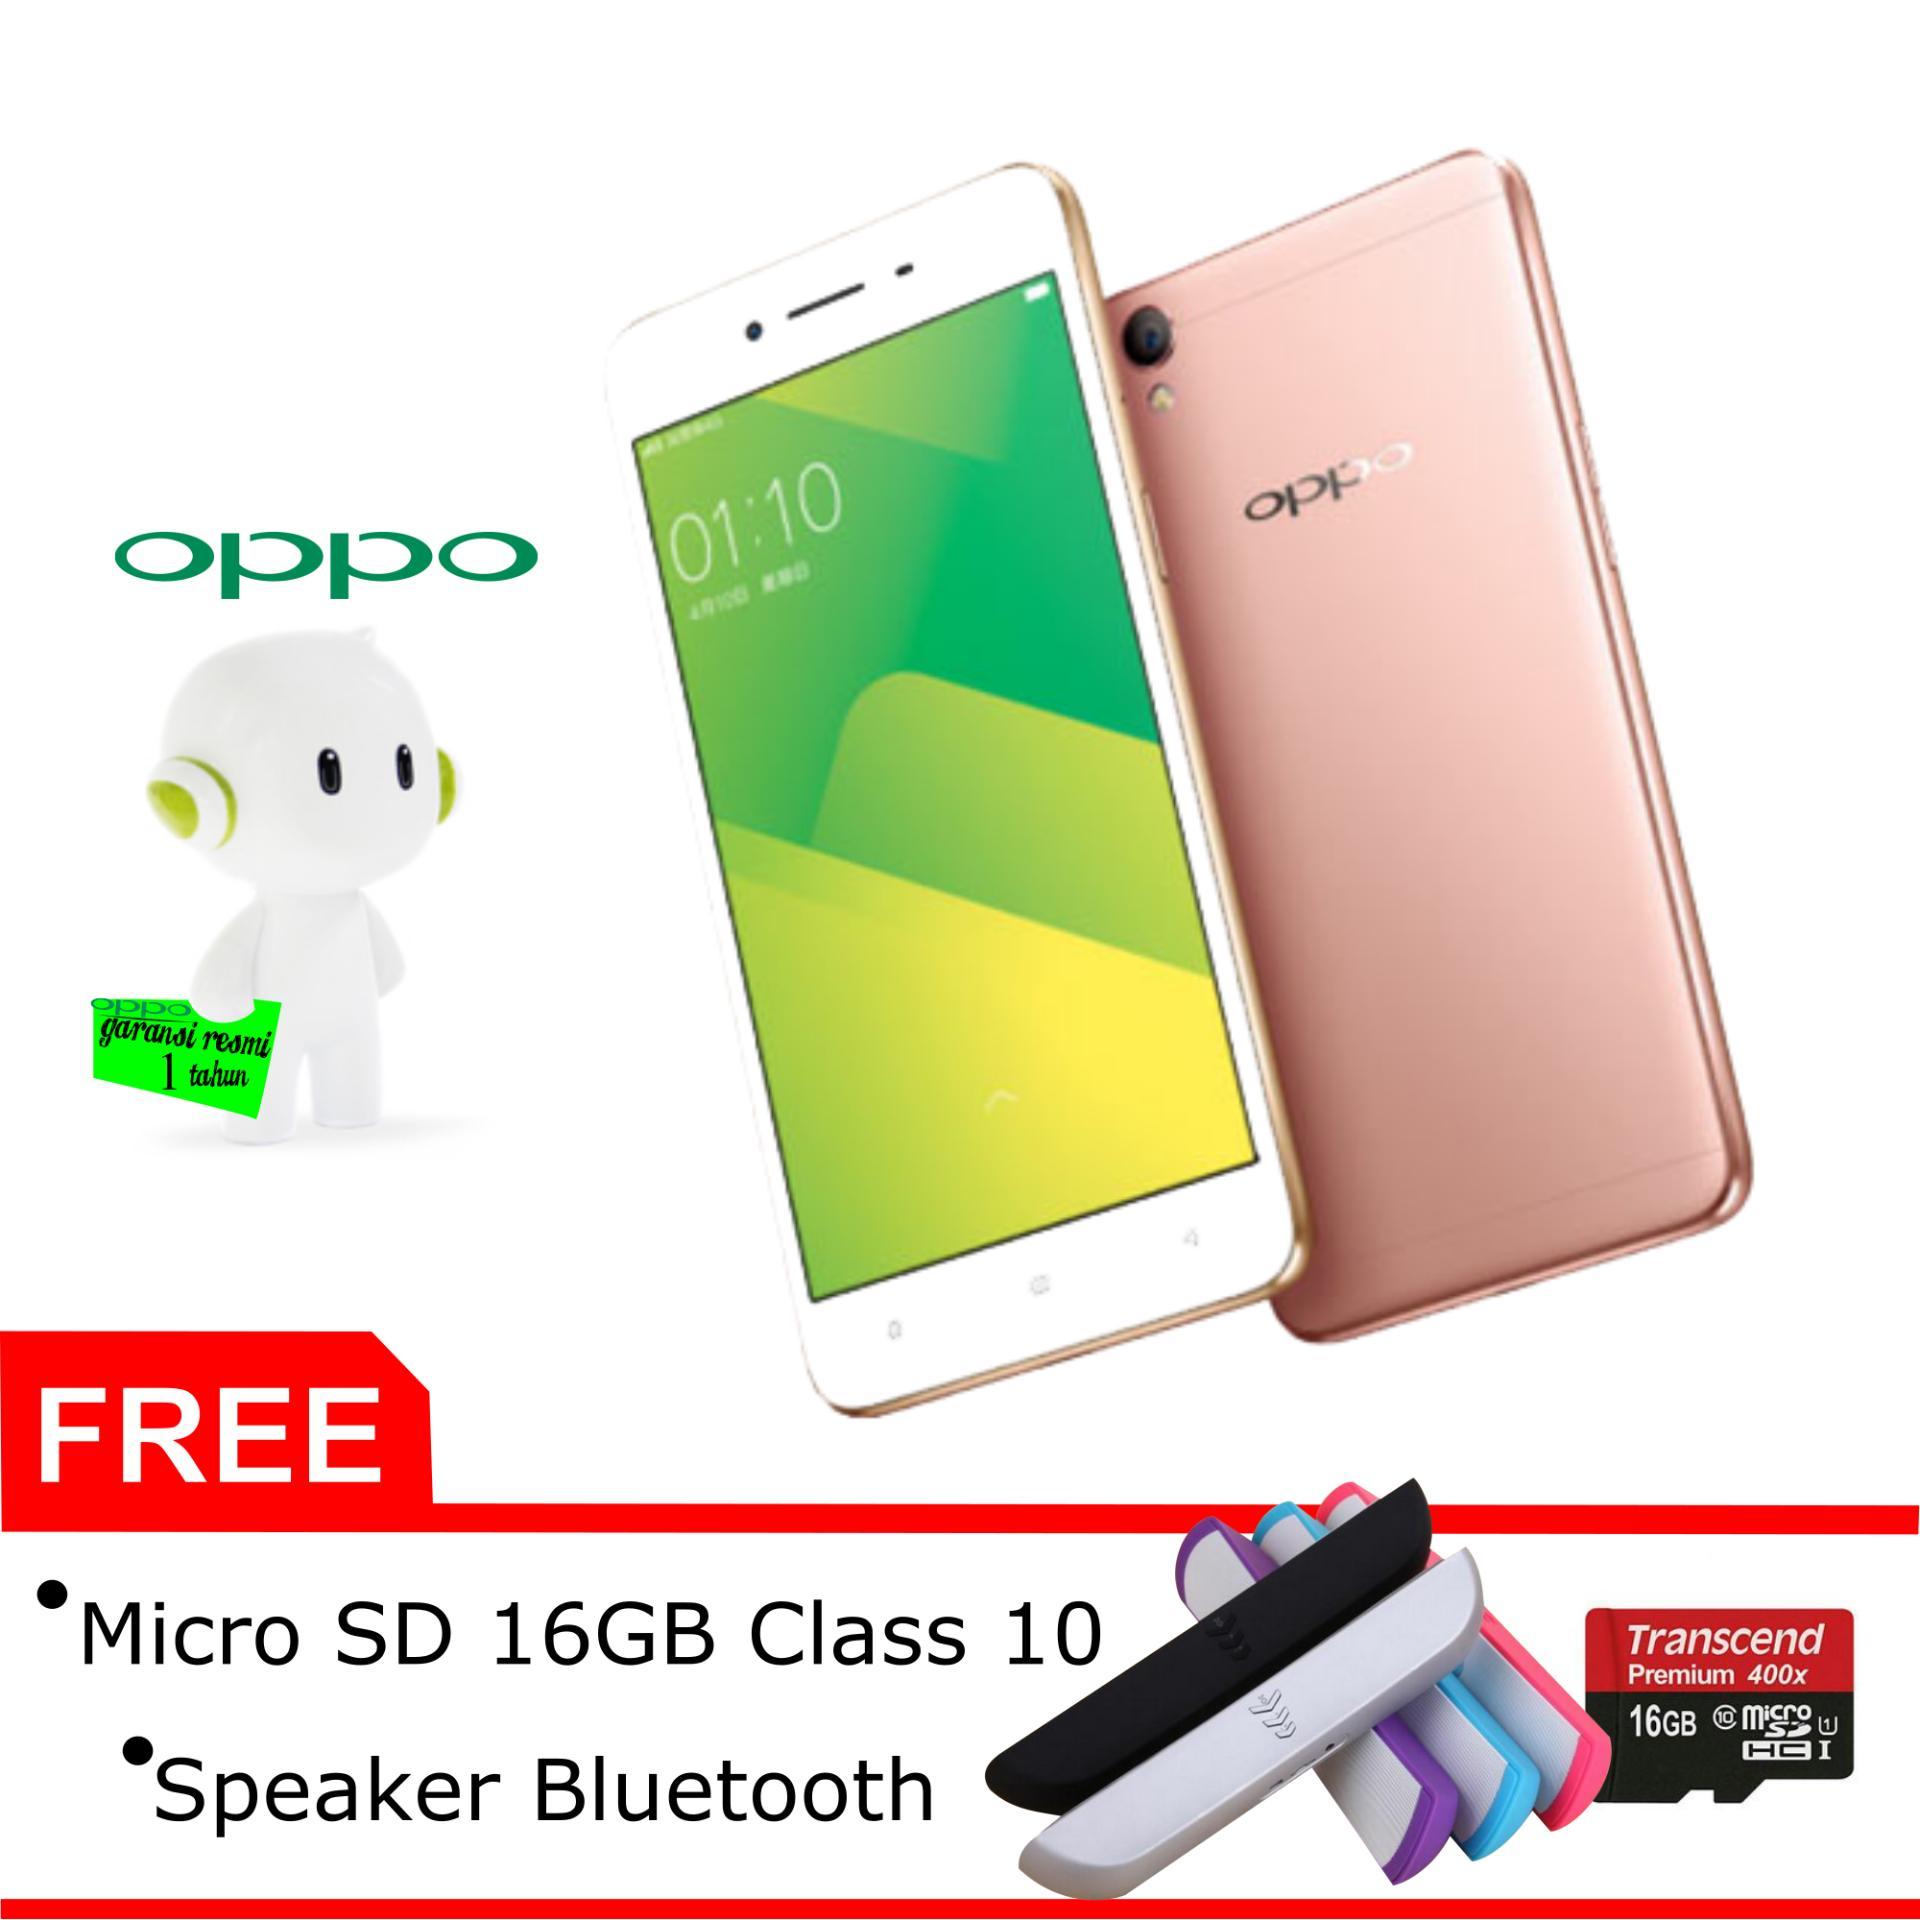 Belanja Terbaik Oppo A37f 2 16gb Rose Gold Free Micro Sd Neo 9 16 Gb Class 10